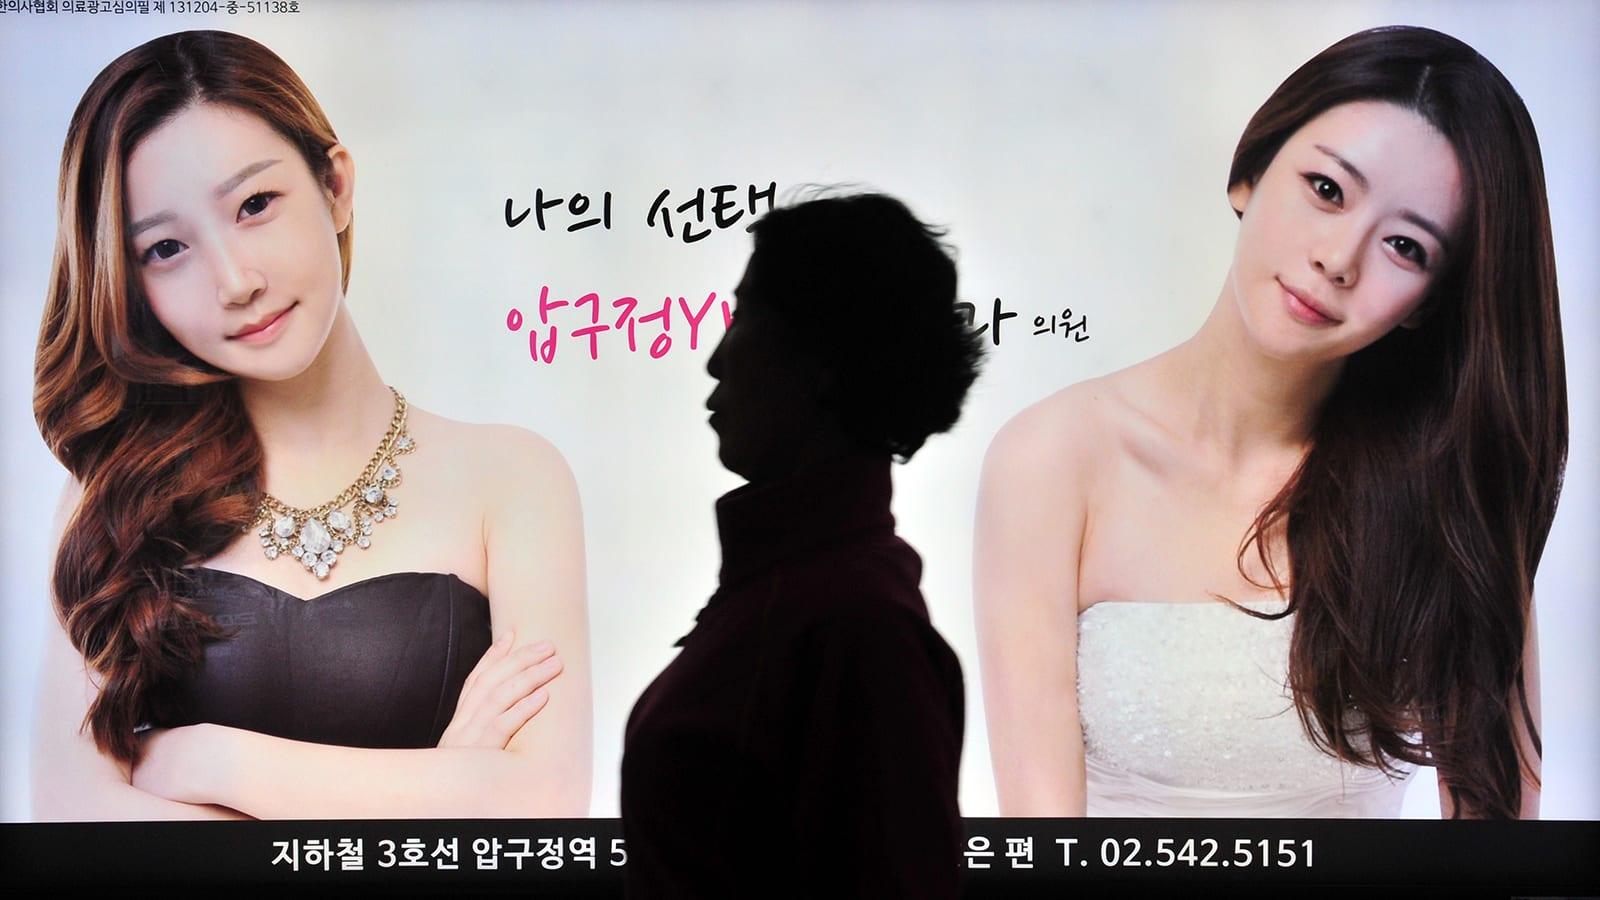 """""""لو كان لدي وجهك""""..نظرة خاطفة على العالم السري بكوريا الجنوبية"""